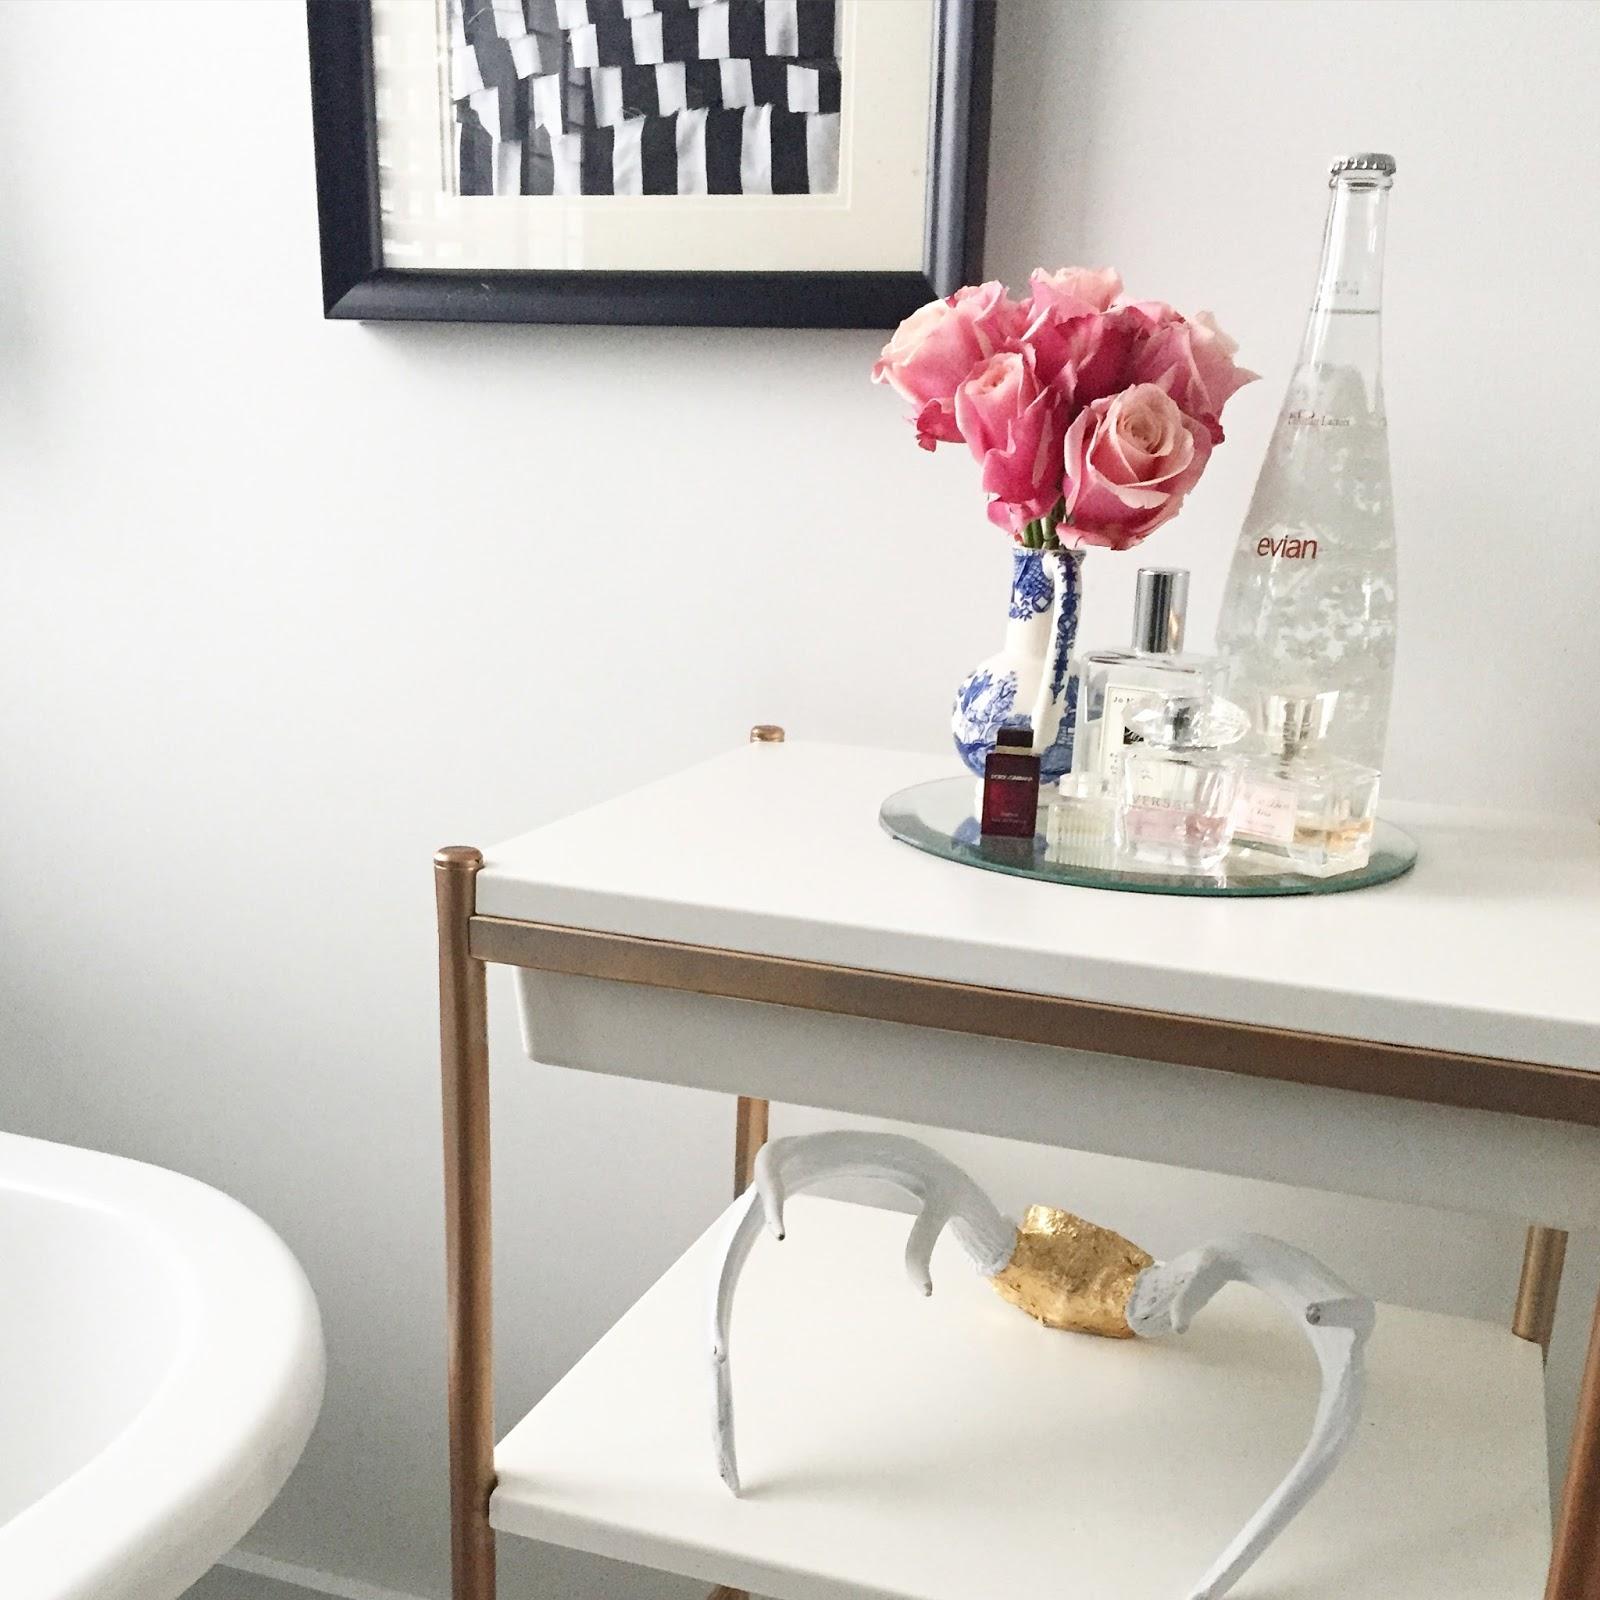 die wohngalerie ikea barwagen f rs bad oder k che der goldene selbermachen tipp. Black Bedroom Furniture Sets. Home Design Ideas